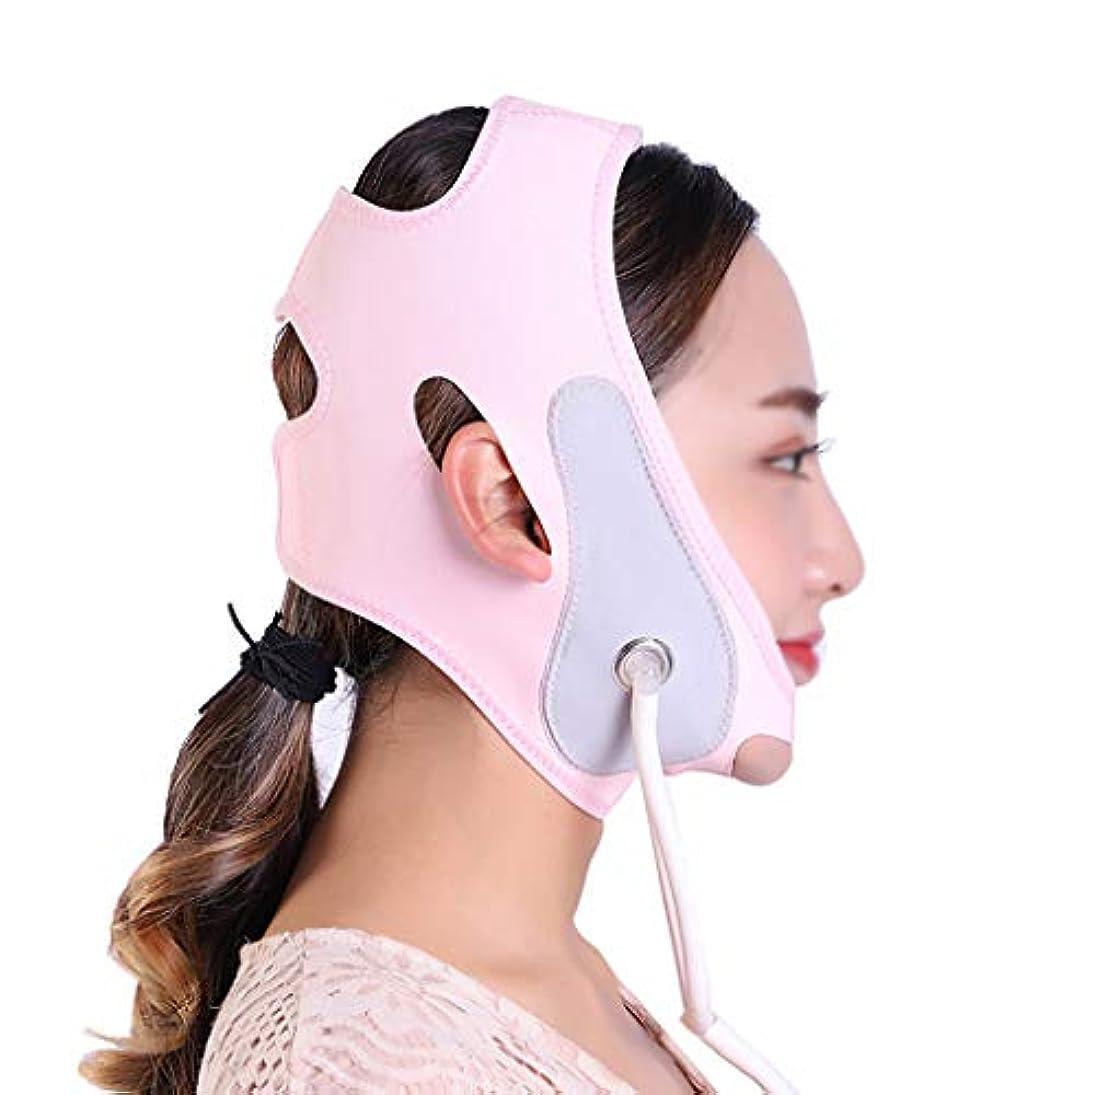 検体韻ベスト顔と首のリフト後伸縮性のある袖の薄い顔のマスクの引き締めの改善咬筋の伸縮性のある薄い顔の弾性の包帯V顔のアーティファクト